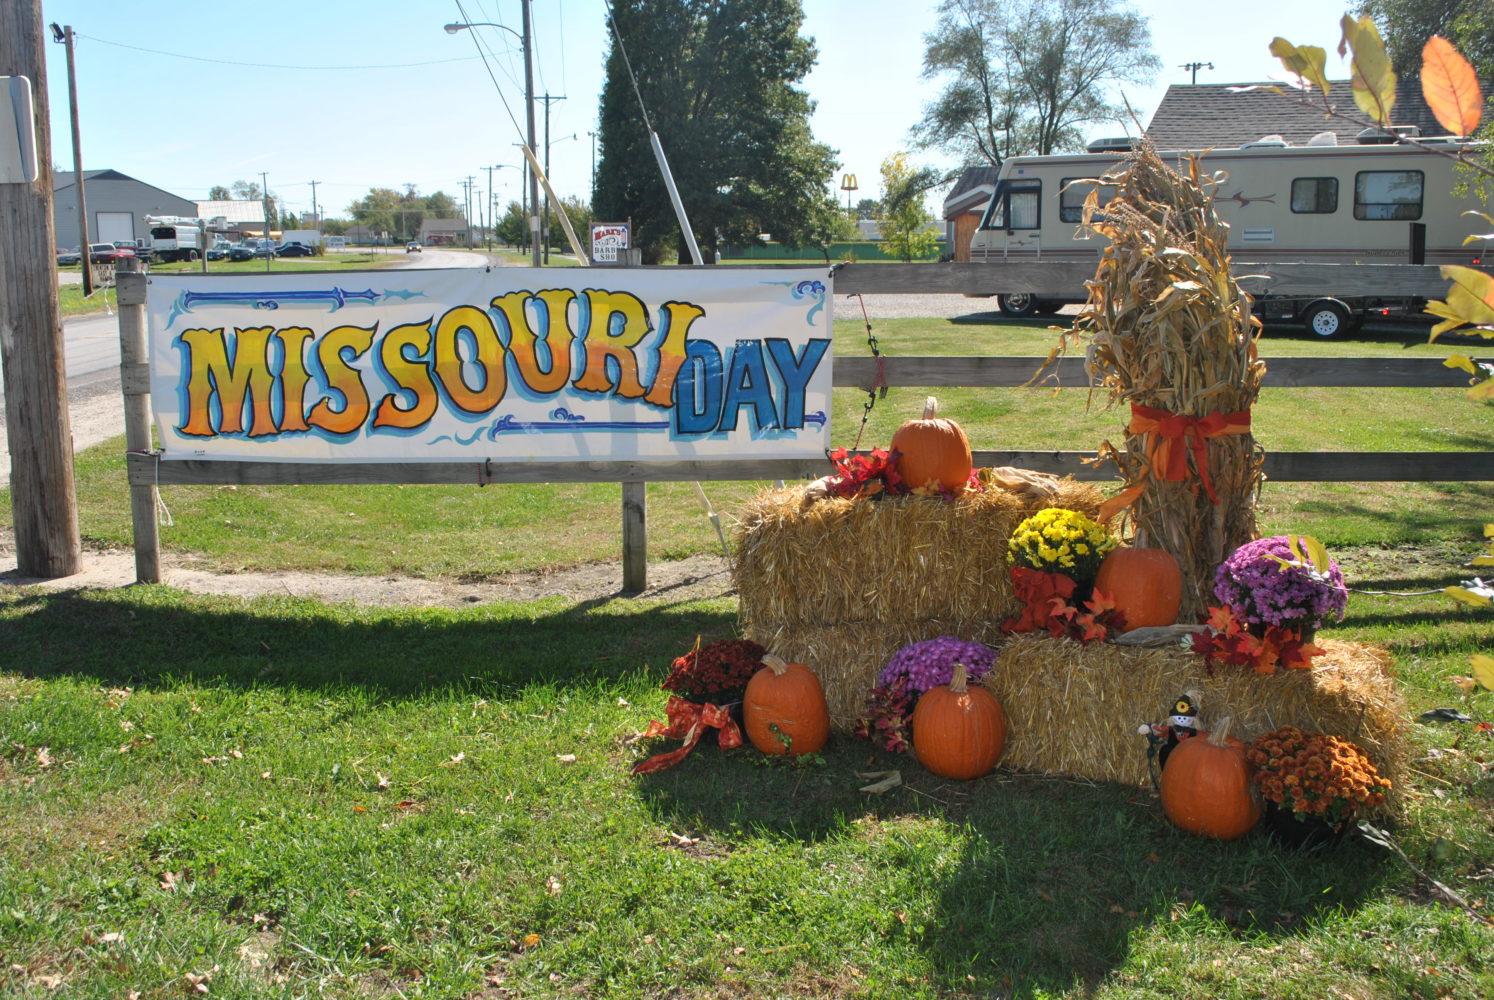 Missouri Day is Underway in Trenton